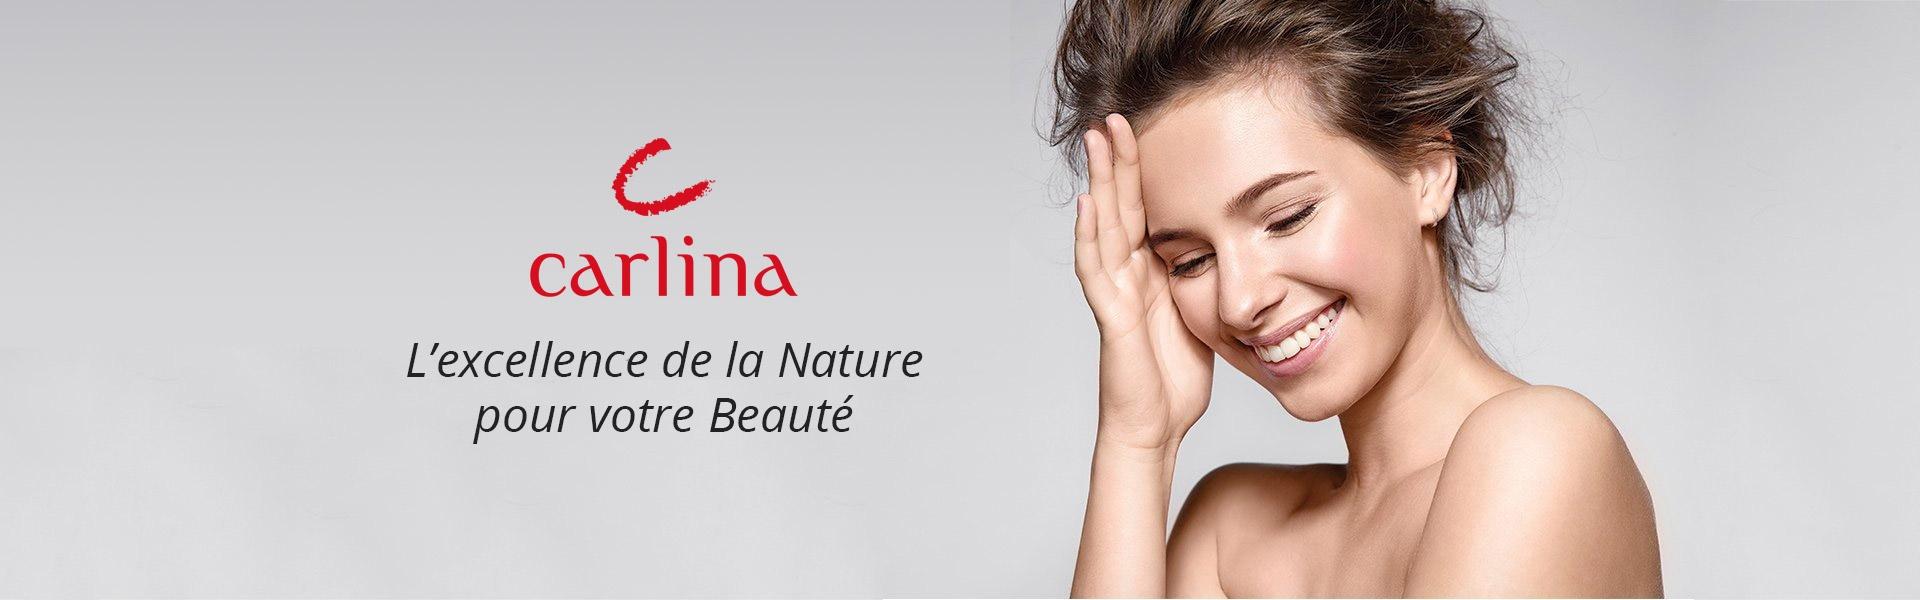 Carlina, l'excellence de la Nature pour votre Beauté